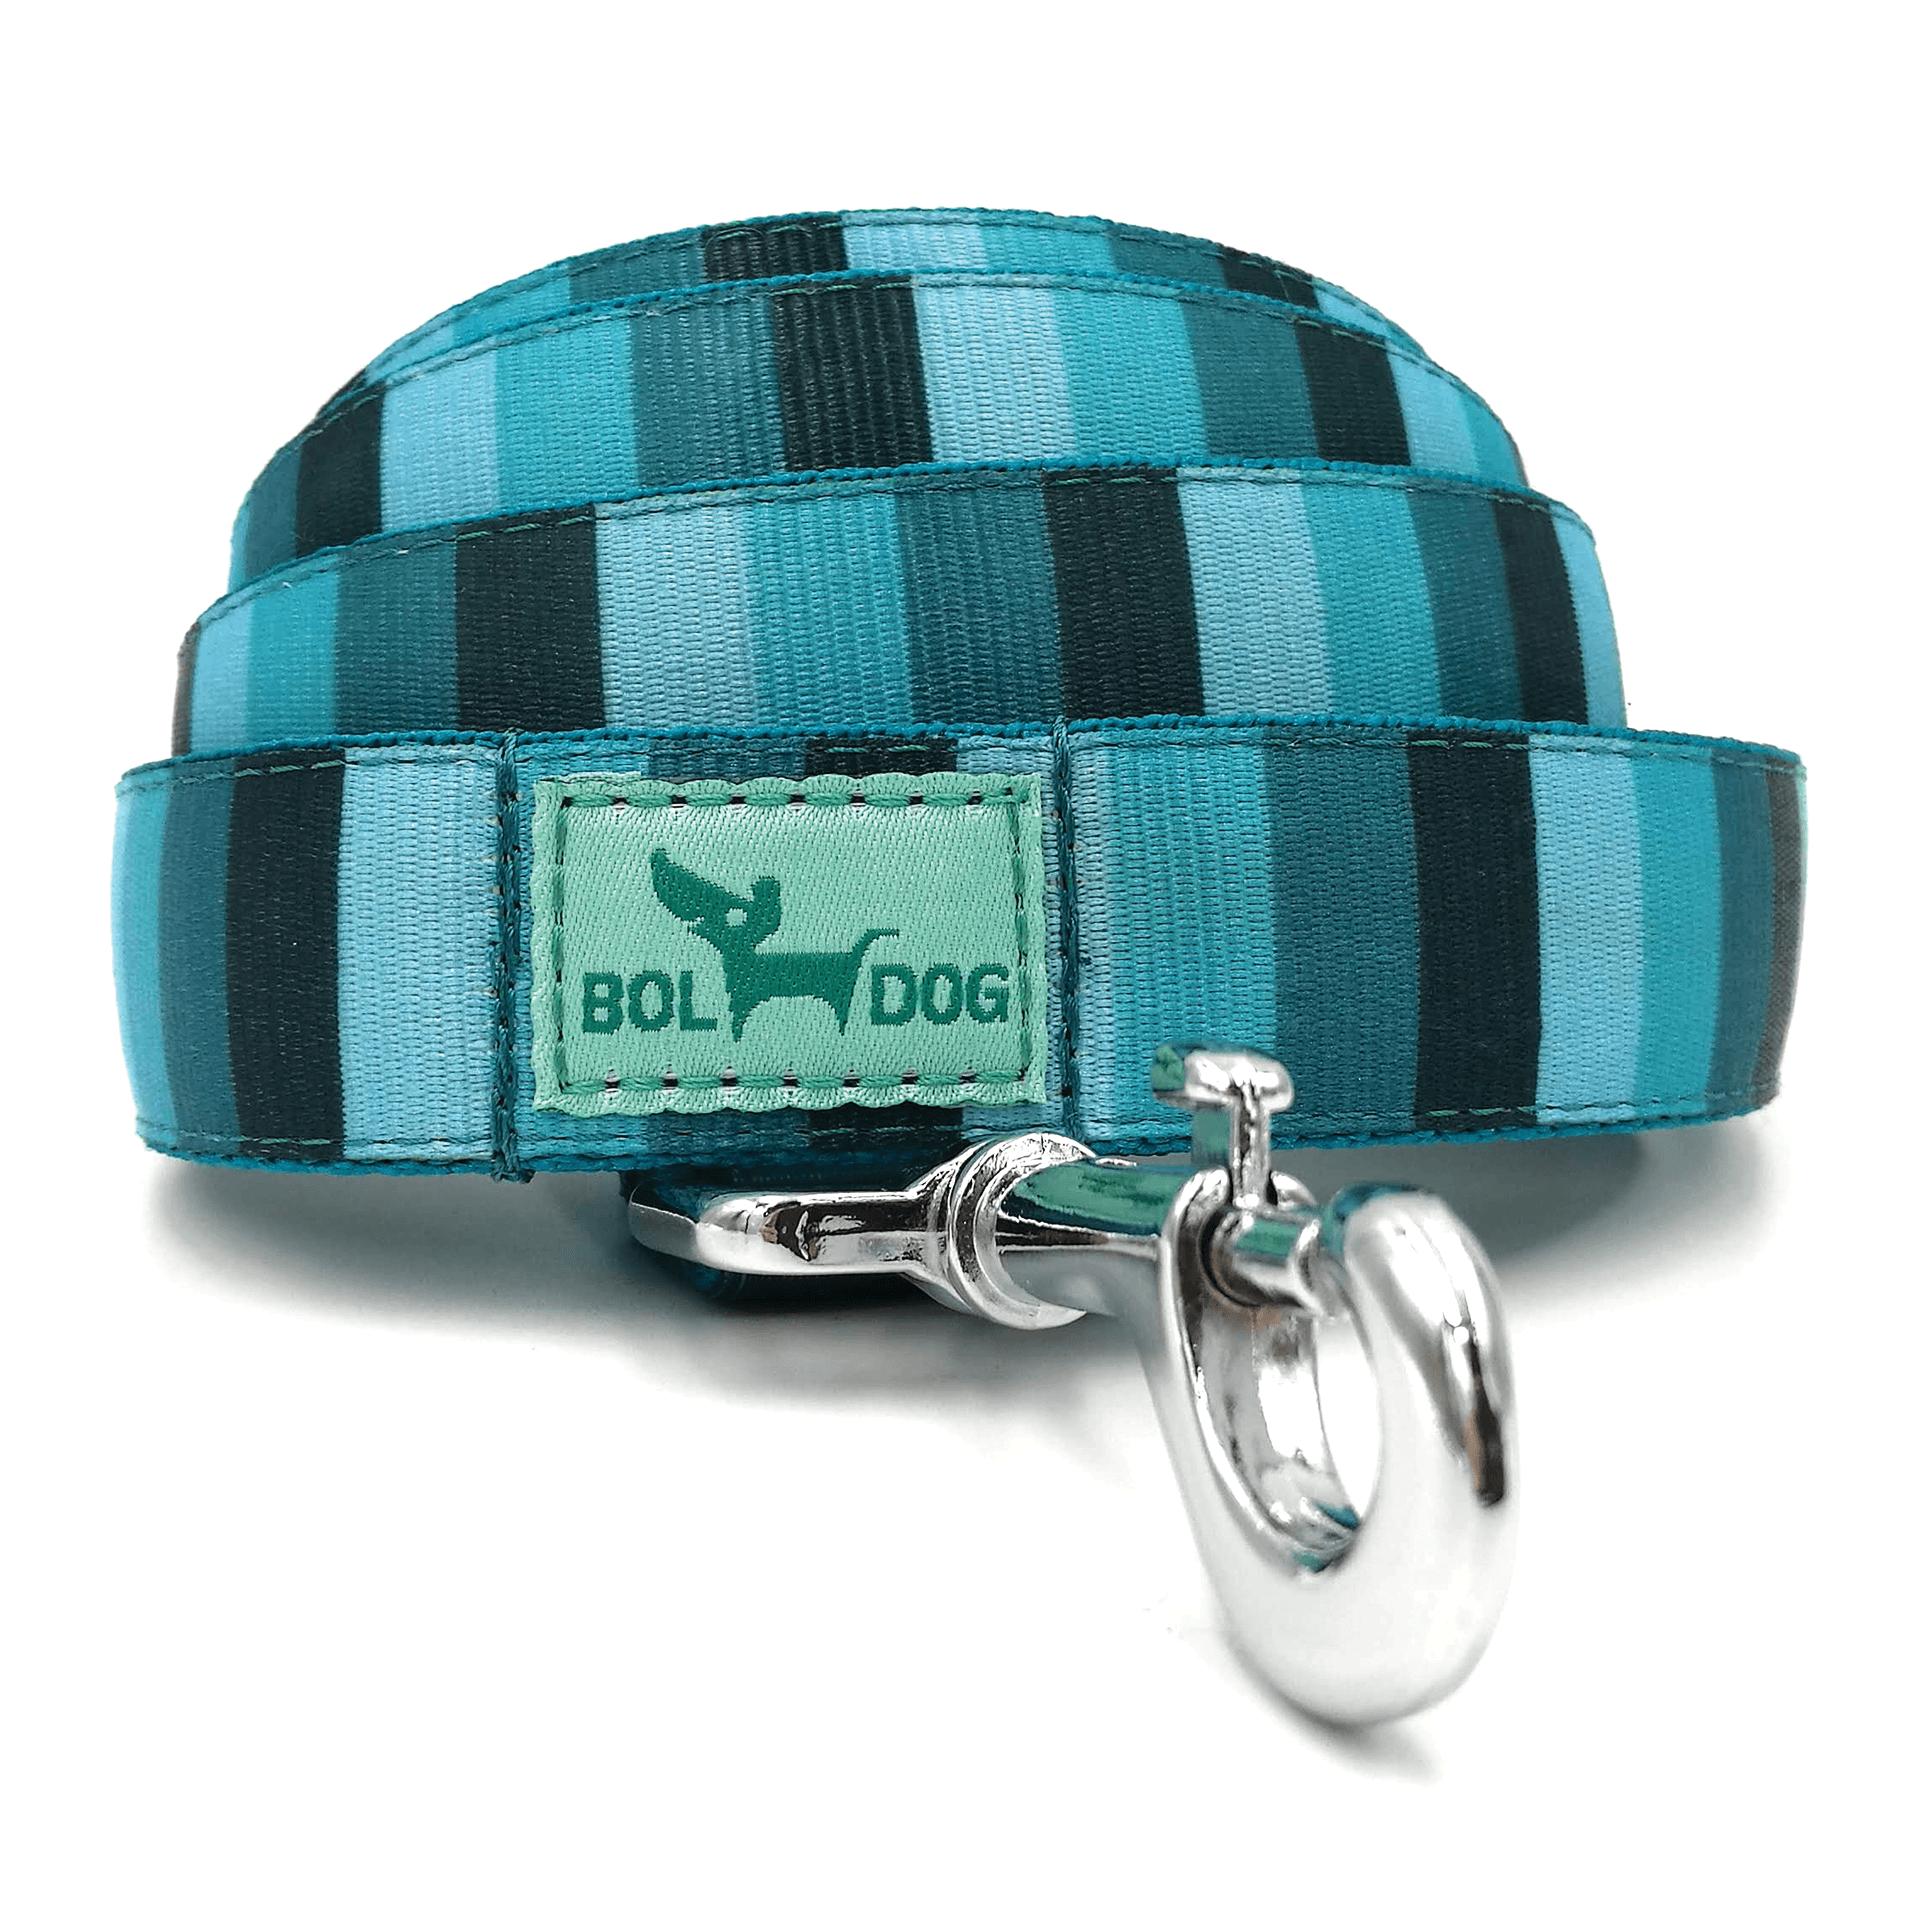 Blue striped dog leash